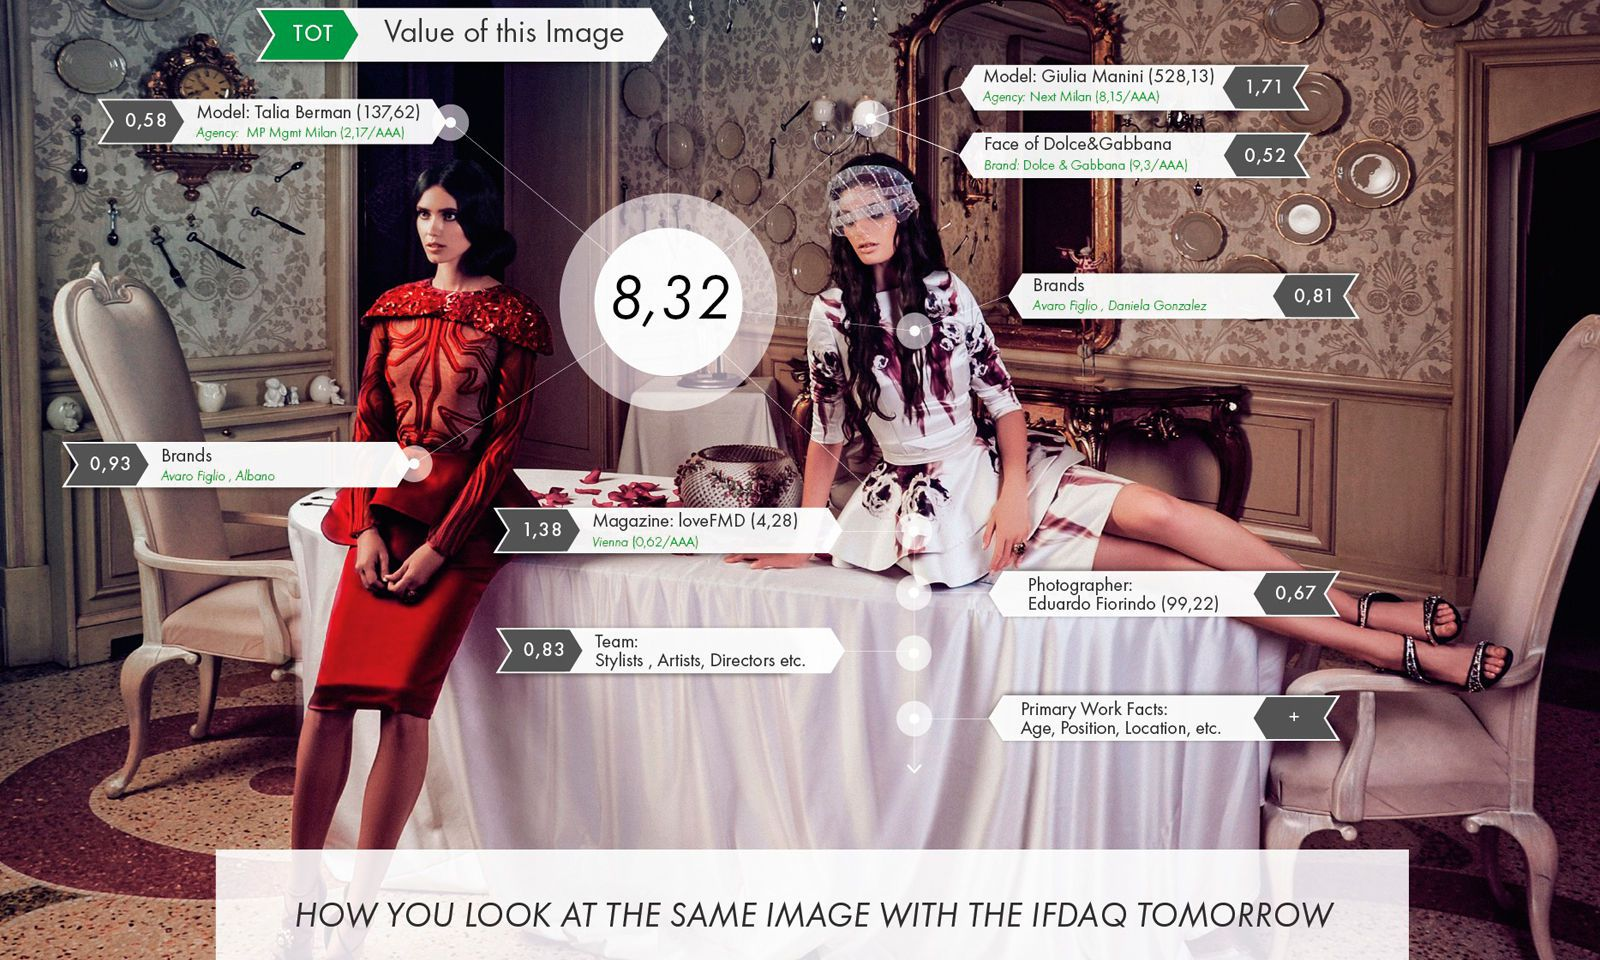 Untersuchung. Bilder werden bei IFDAQ zu Datenpunkten.